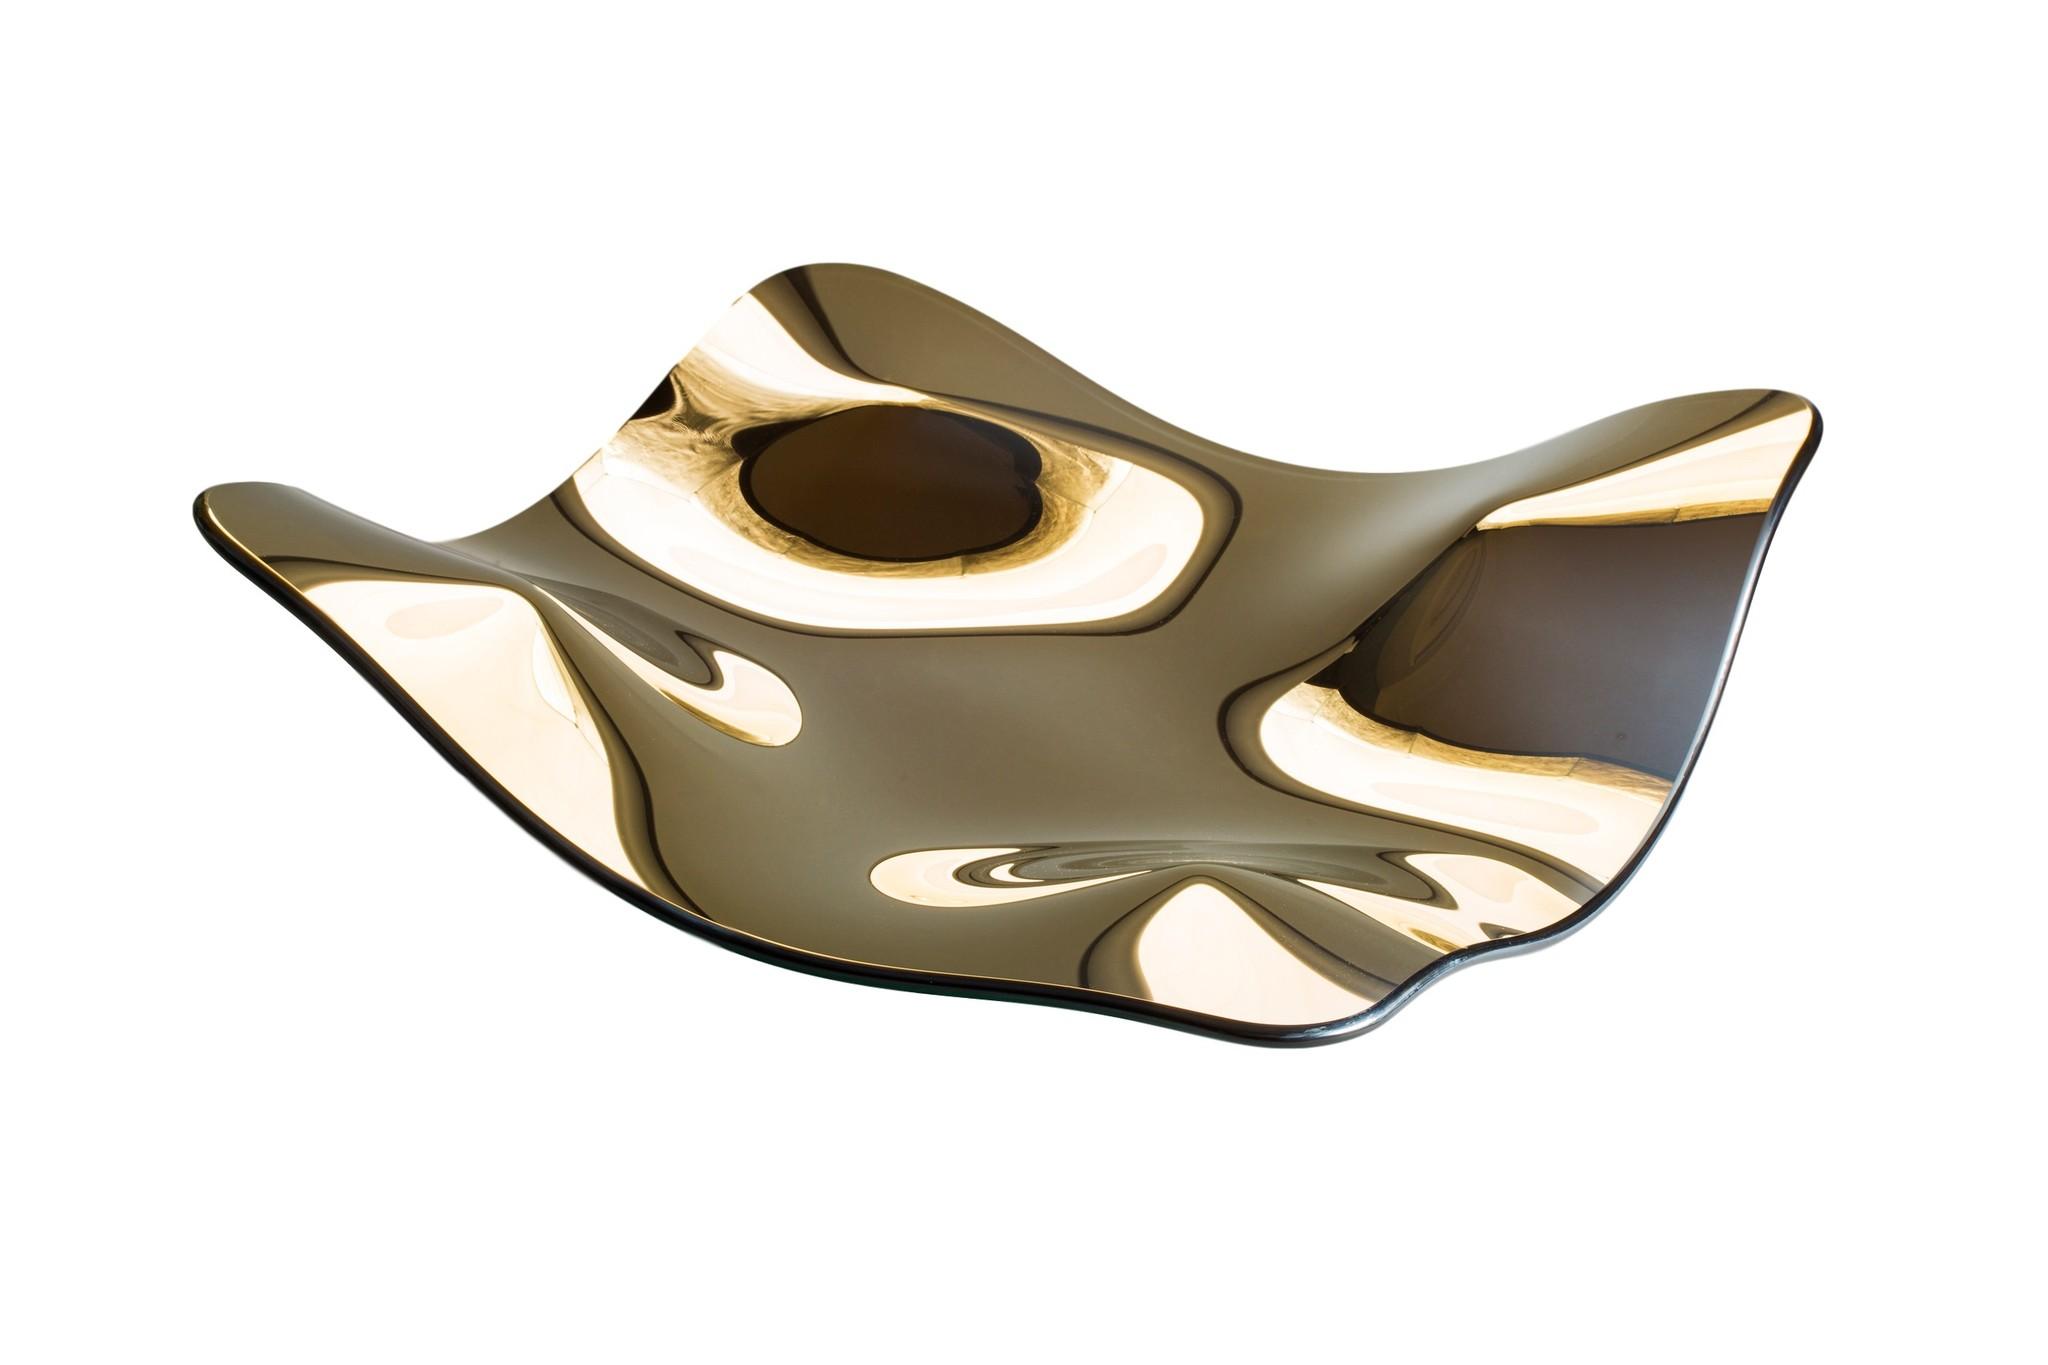 Ваза MantaДекоративные блюда<br>Величественный арт-объект Manta отражает в себе пространство, превращая его в текучую воду. Благодаря такой уникальной способности, это творение может вписаться в любой как в частный, так и в общественный интерьер. Manta - это не только объект, которым можно наслаждаться визуально, но и нестандартное блюдо или ваза.<br><br>Material: Стекло<br>Ширина см: 70<br>Высота см: 16<br>Глубина см: 70